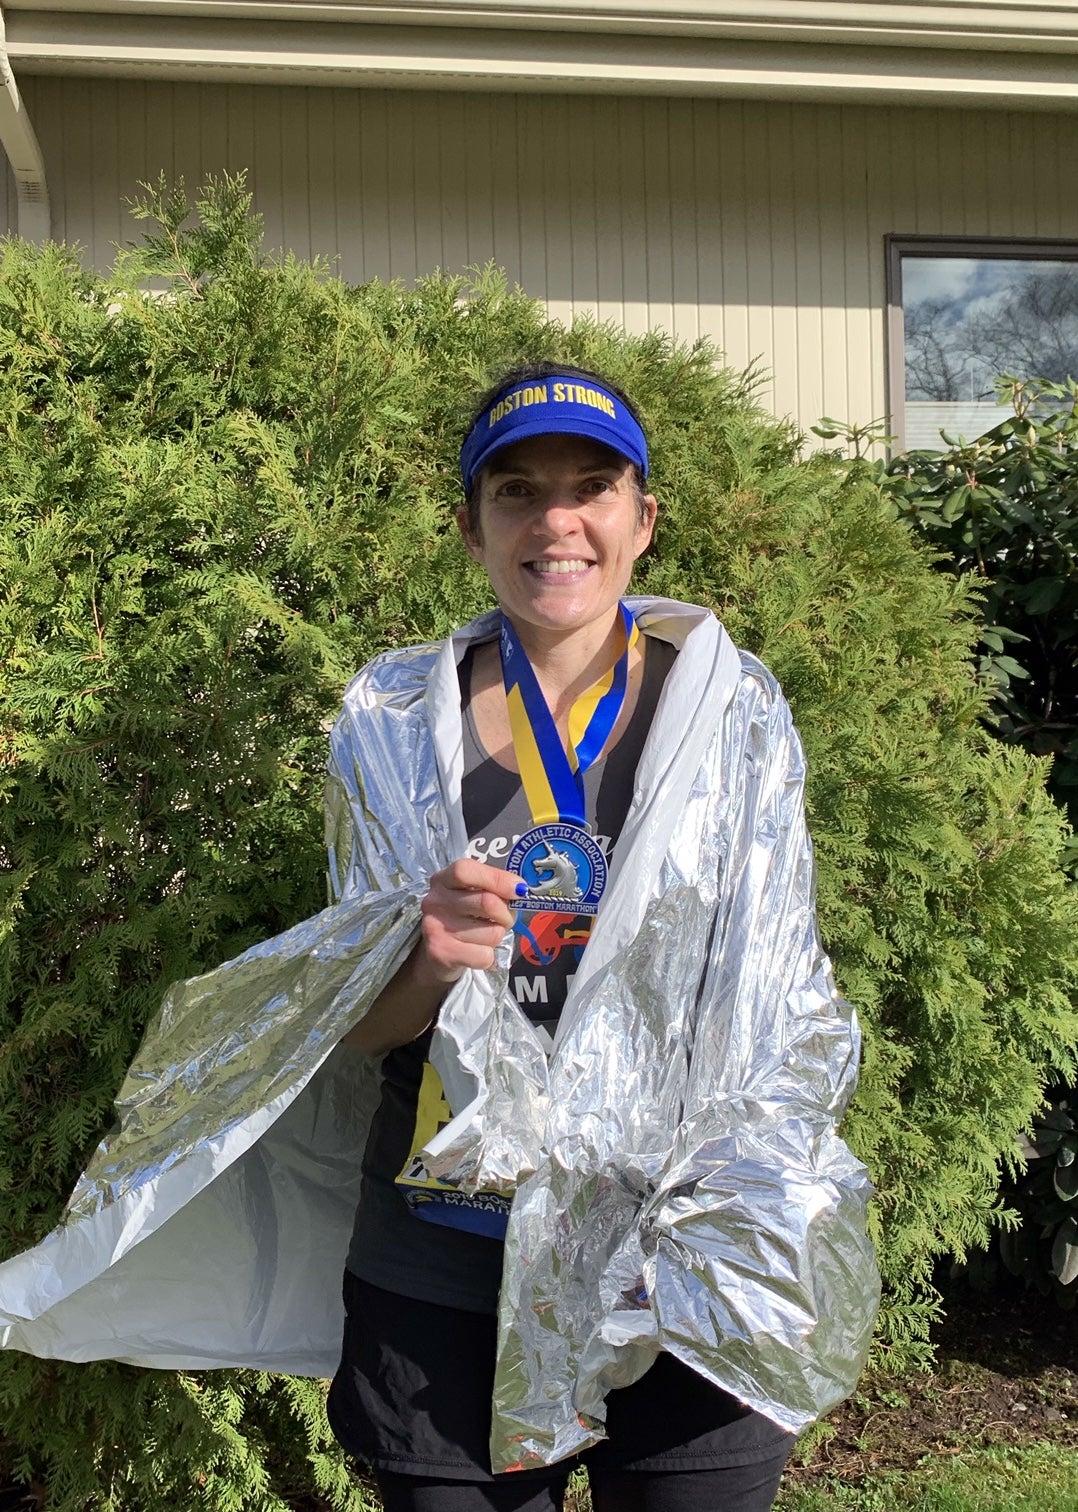 comander-boston-marathon